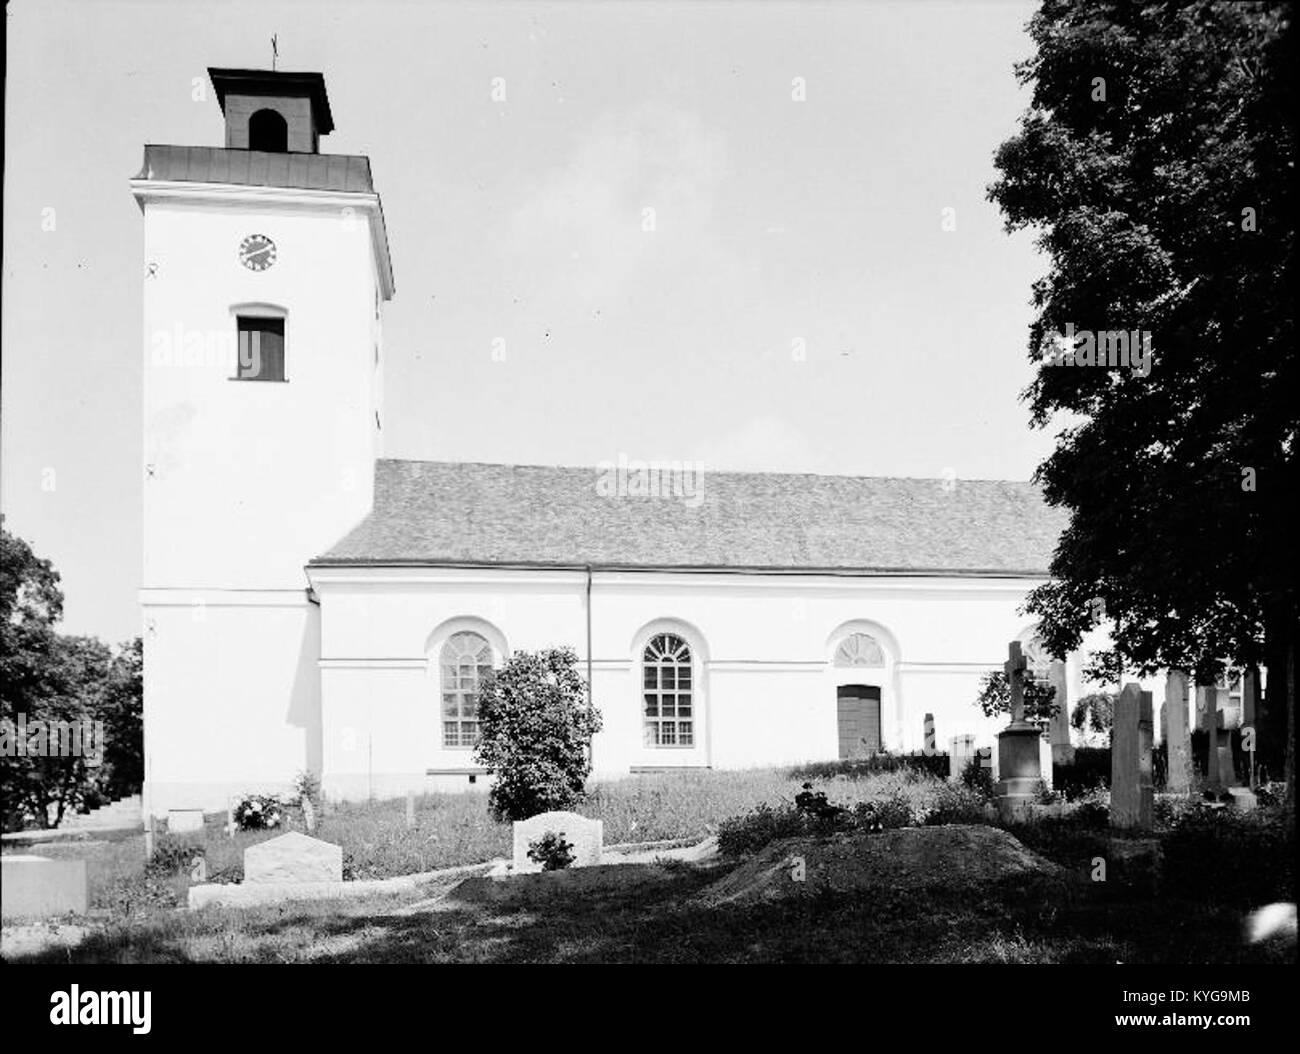 Rådmansö kyrka - KMB - 16000200127770 Banque D'Images